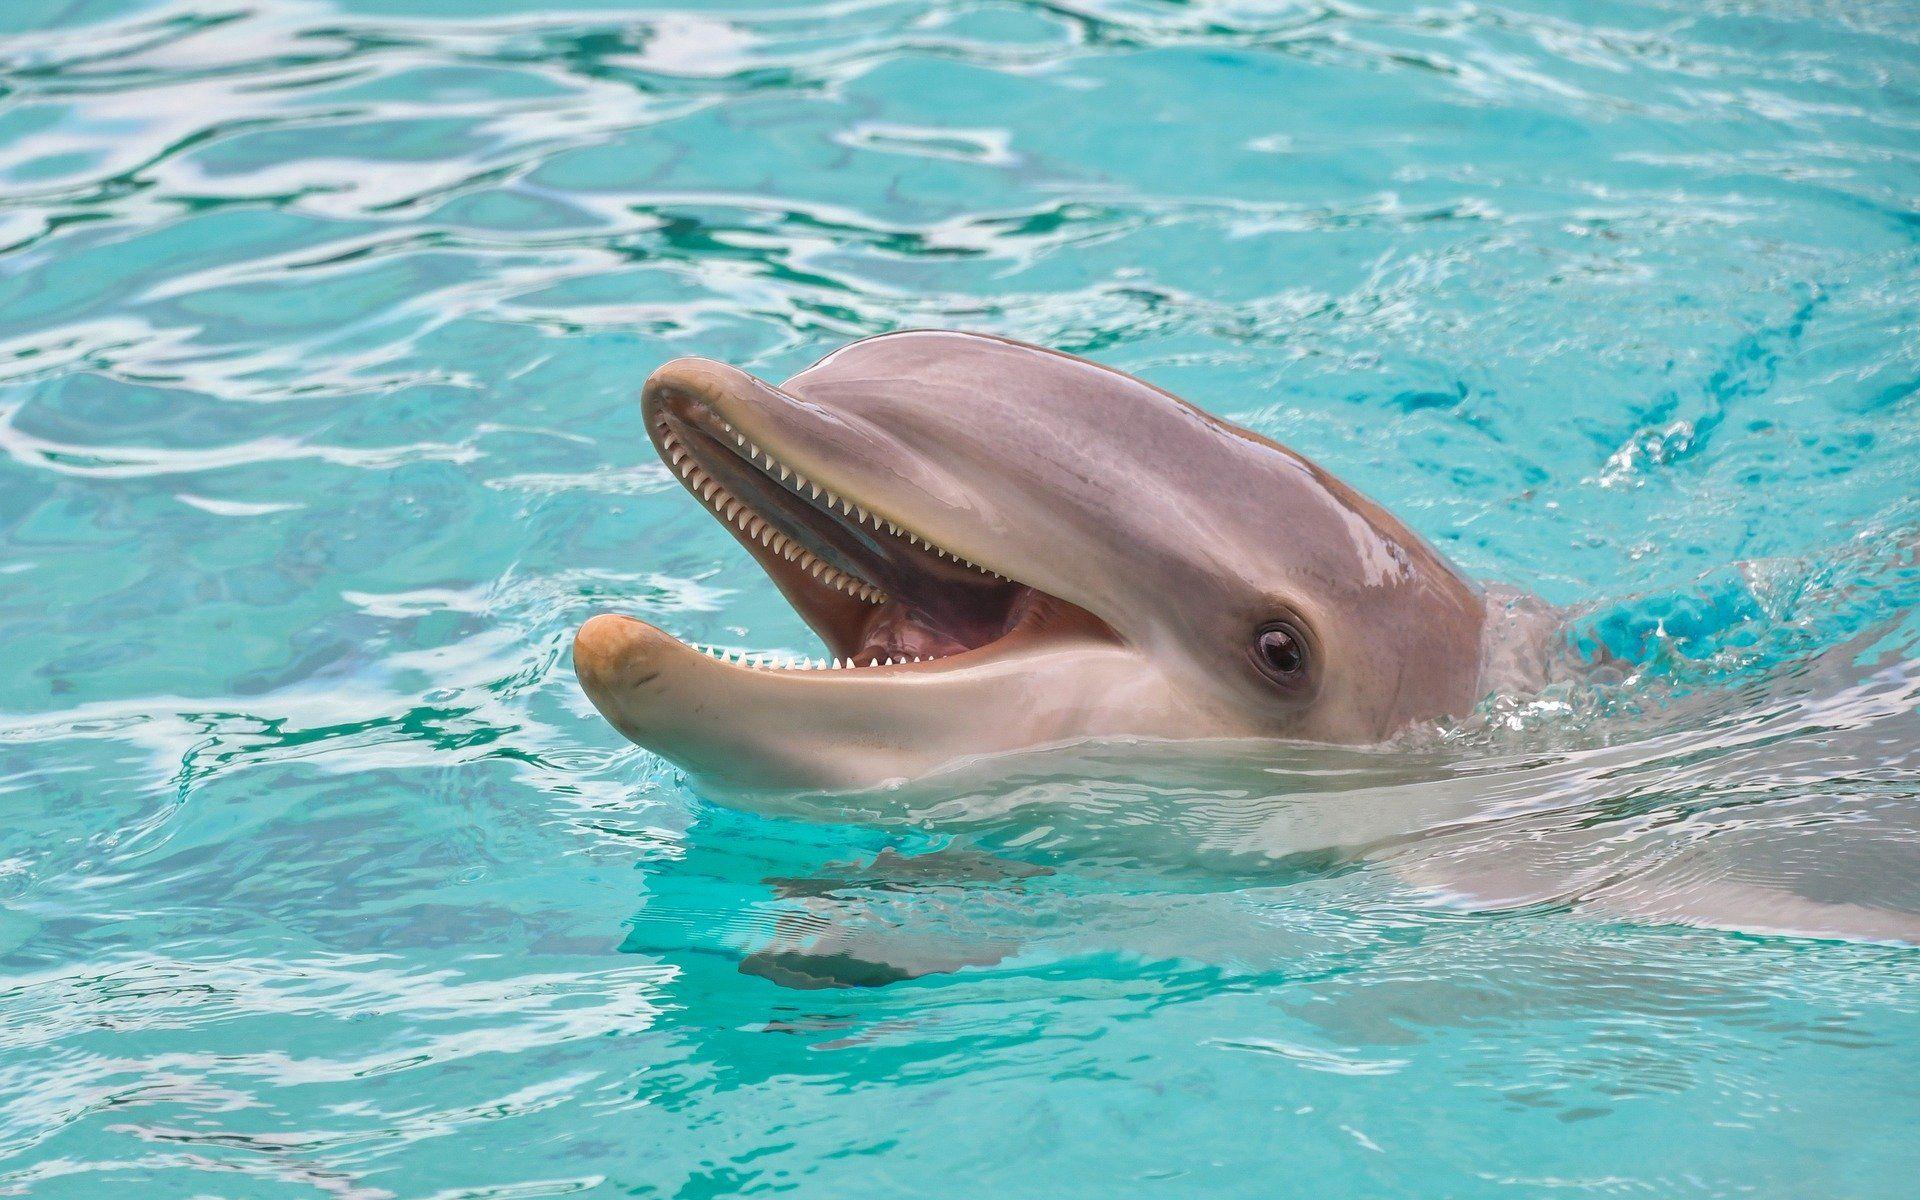 Смотреть Фото дельфина онлайн